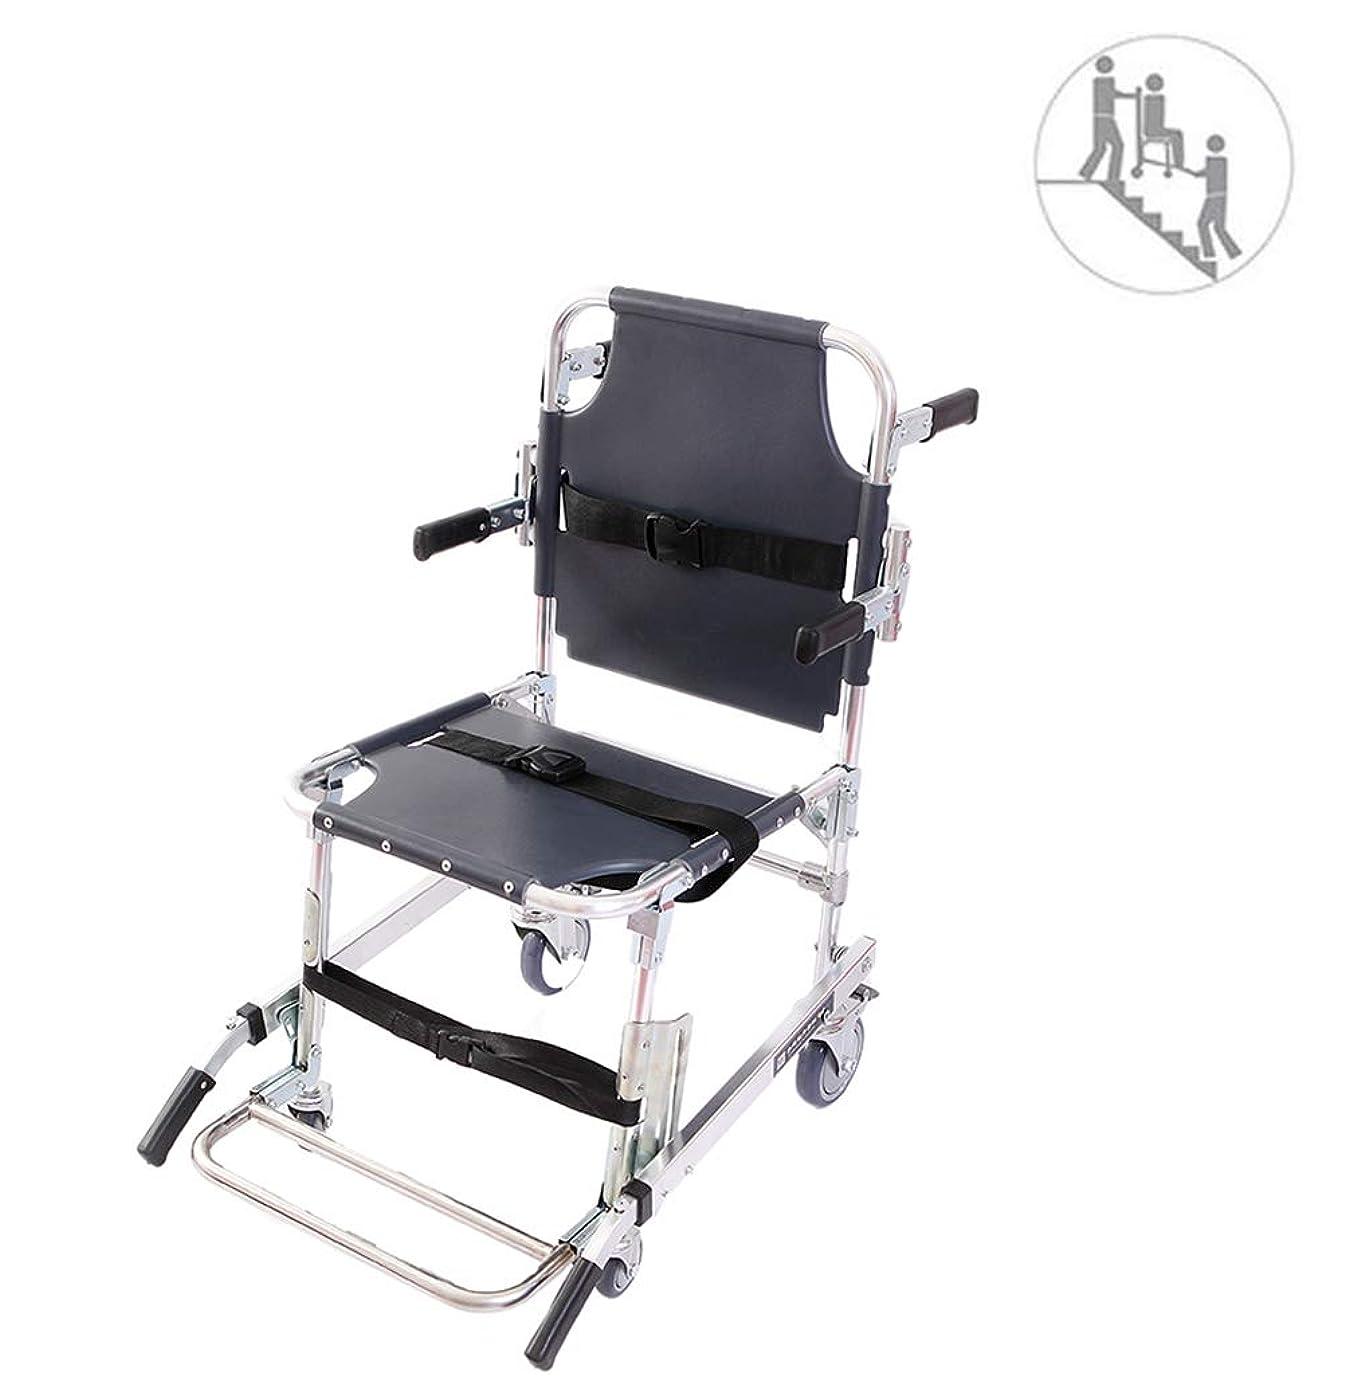 インクフェンス刃階段椅子EMS緊急4輪救急車消防士の避難医療輸送チェア患者拘束ストラップ付き350ポンドの容量